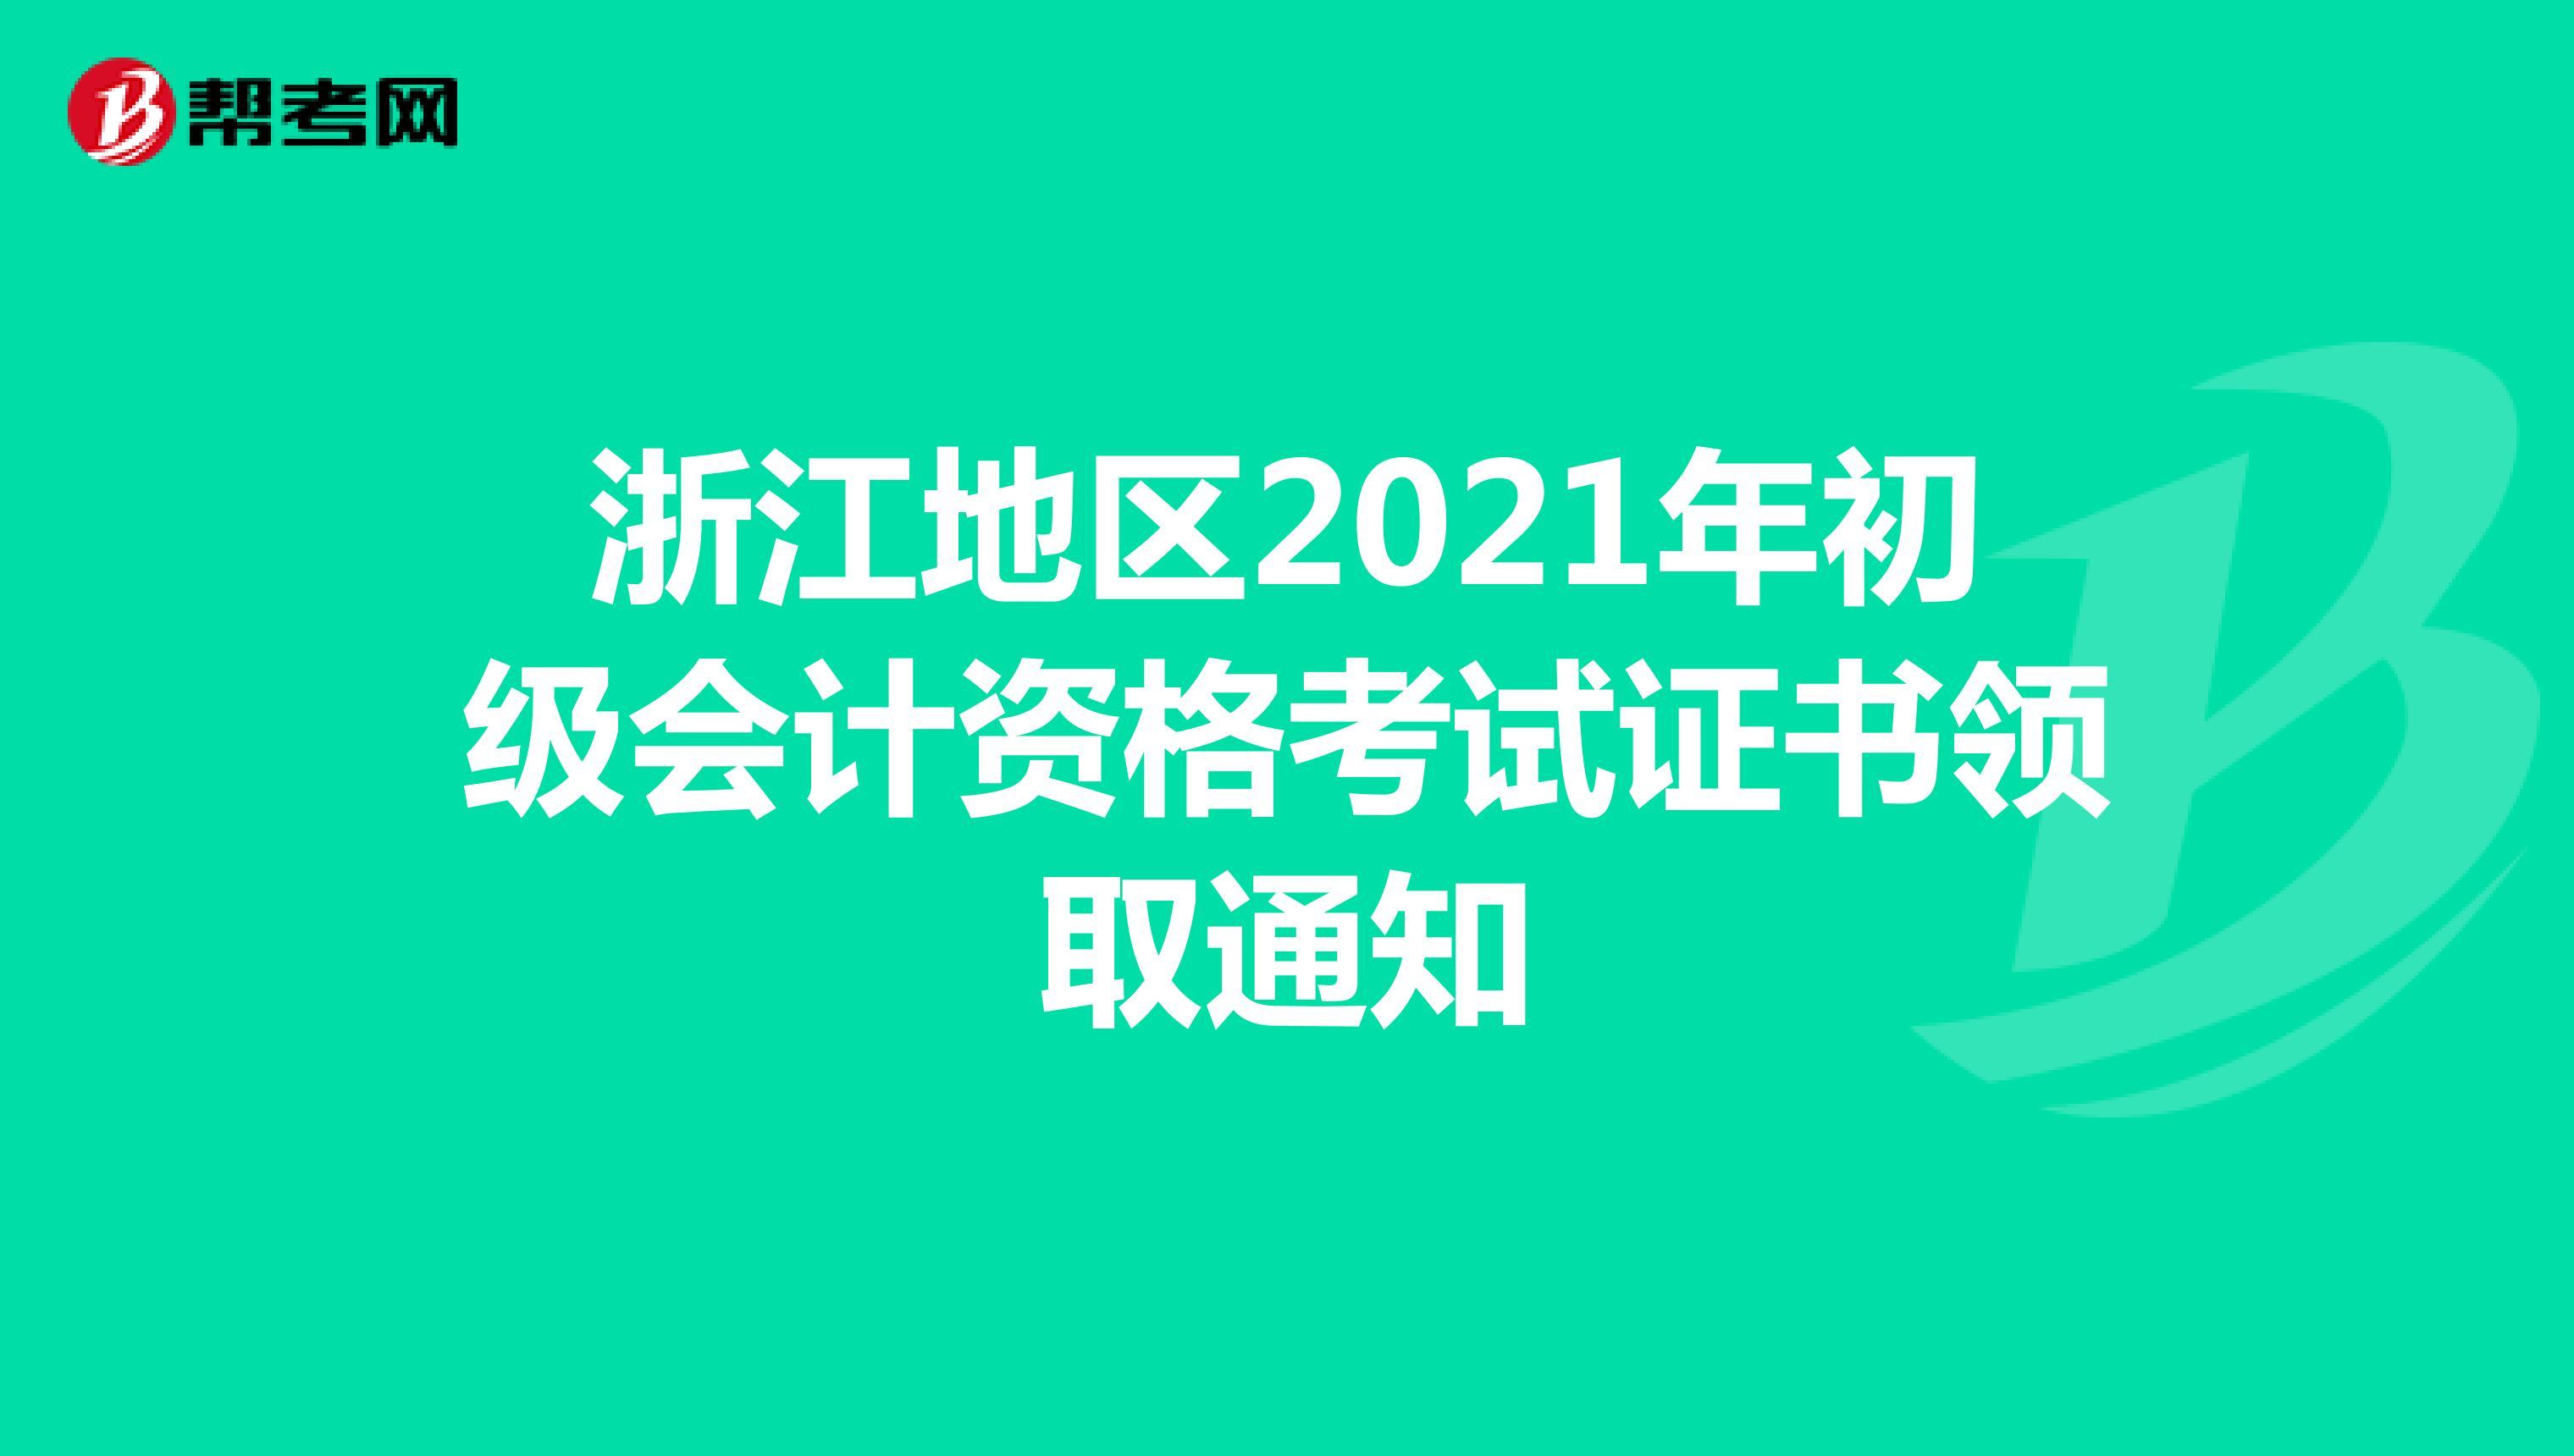 浙江地区2021年初级会计资格考试证书领取通知